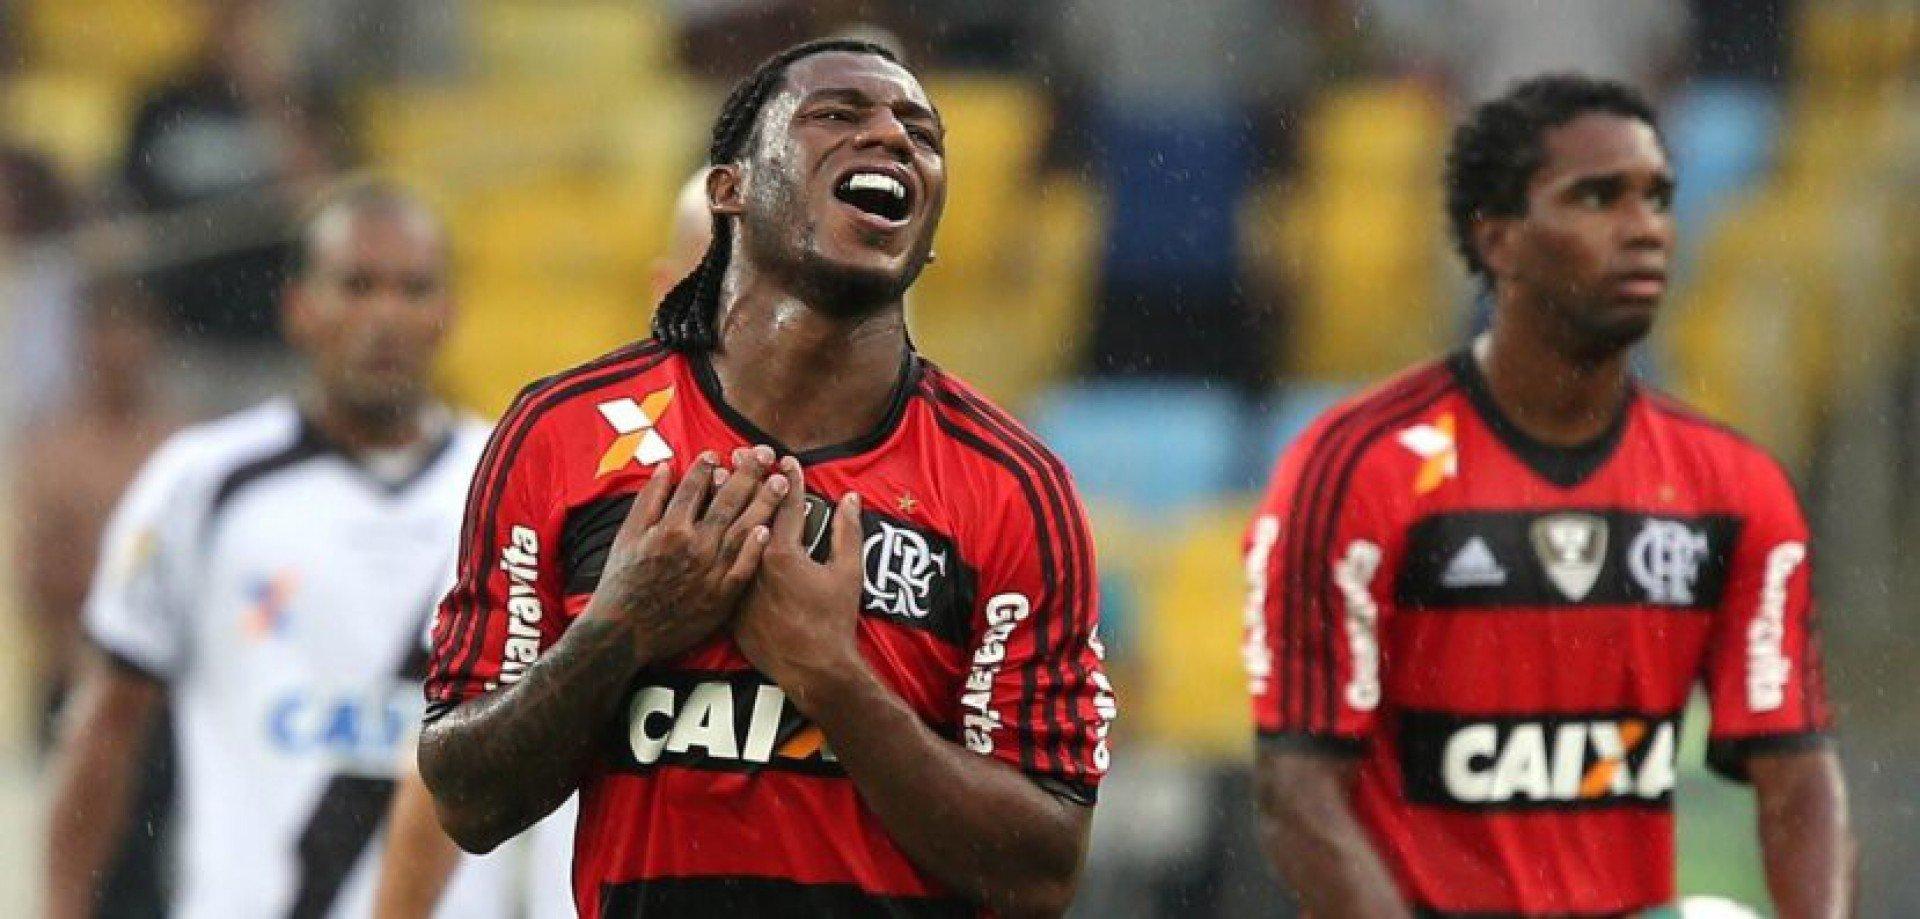 Volante campeão da Copa do Brasil pelo Flamengo fecha com o Americano para a Série A2 do Carioca